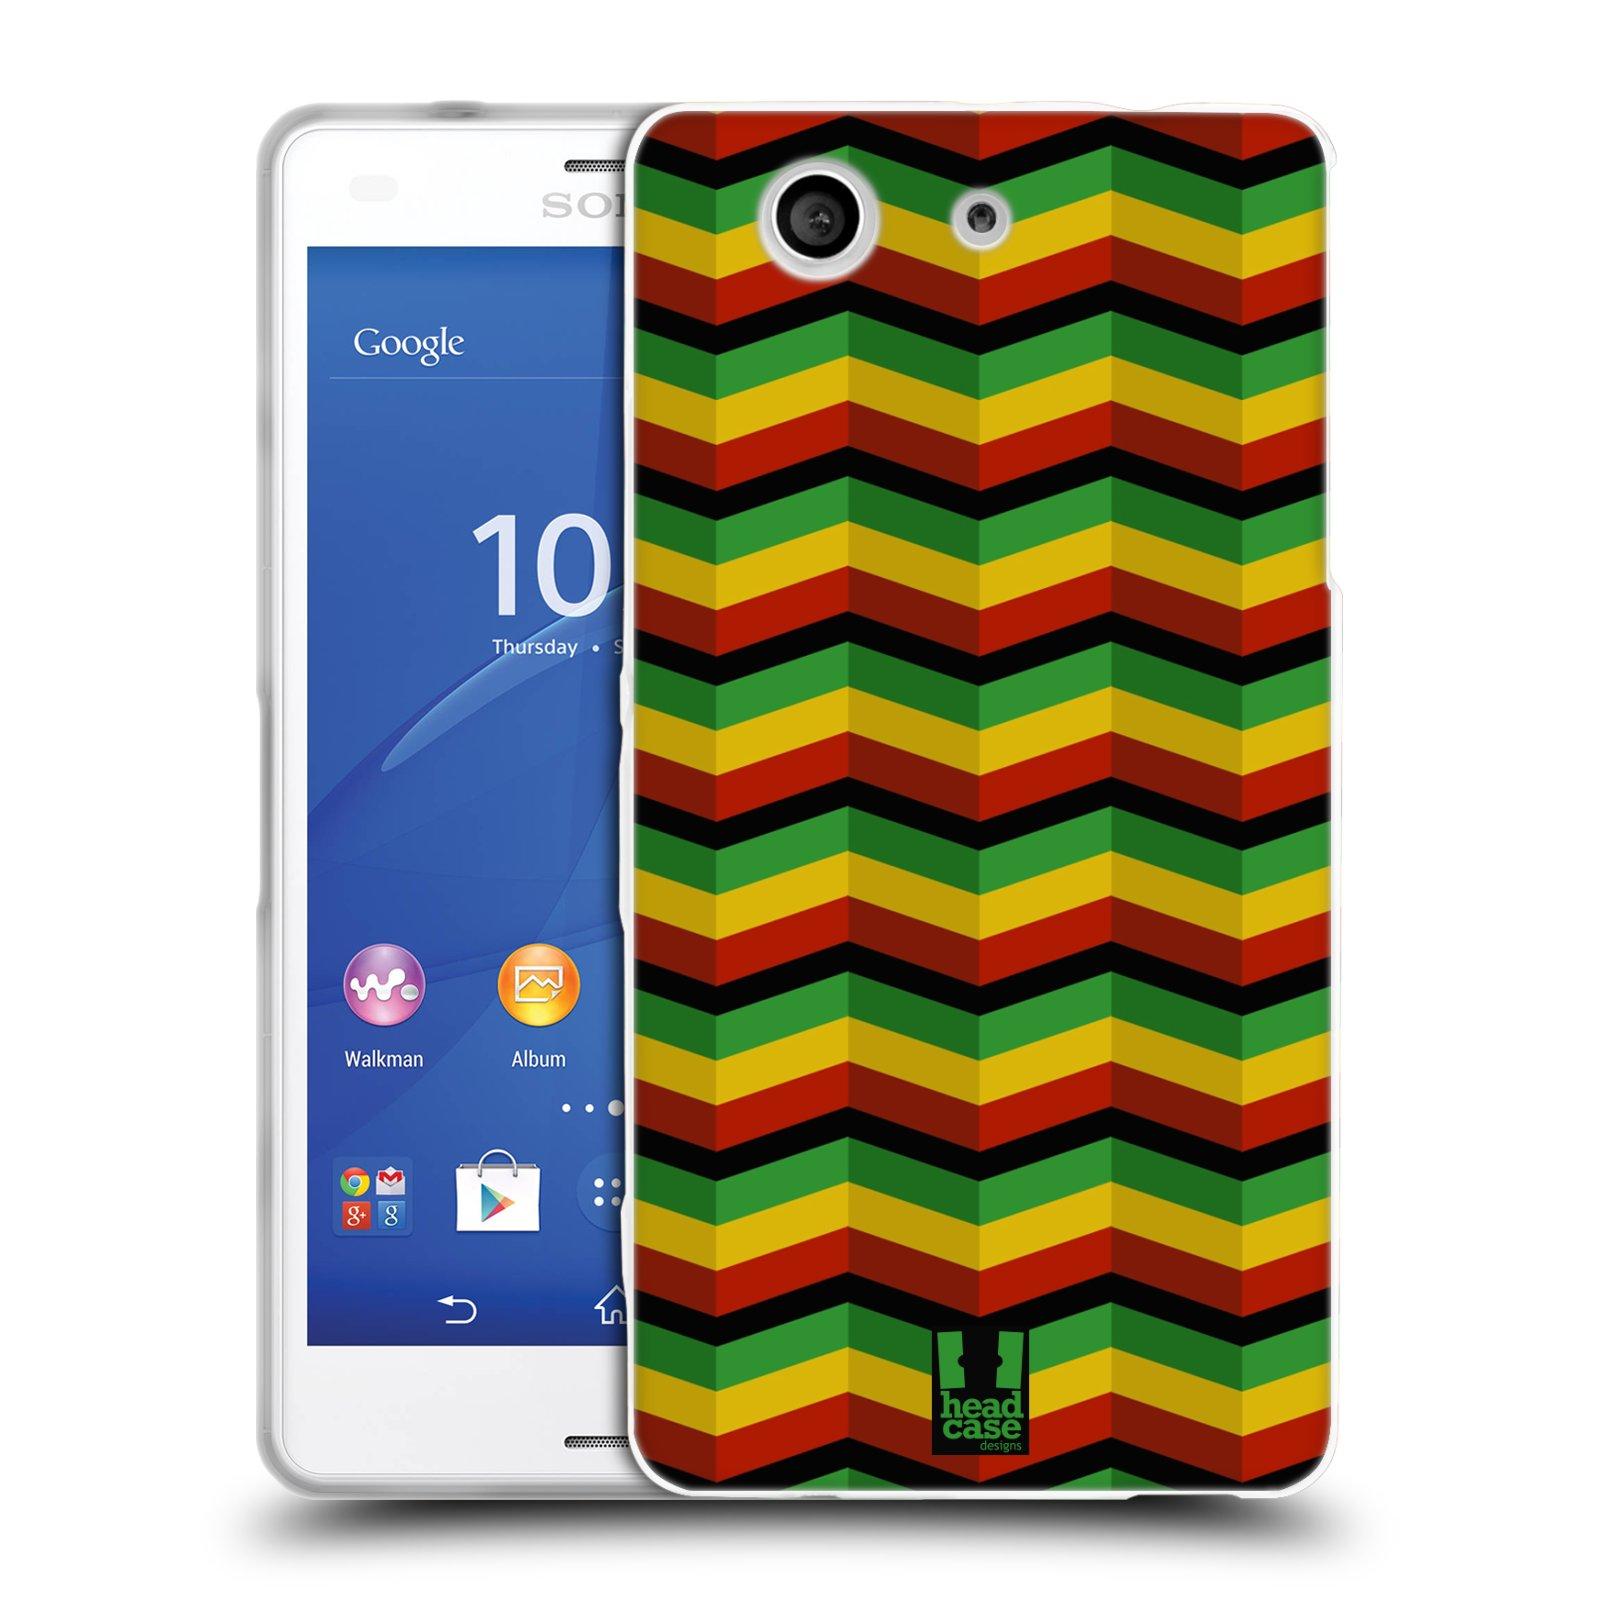 Silikonové pouzdro na mobil Sony Xperia Z3 Compact D5803 HEAD CASE RASTA CHEVRON (Silikonový kryt či obal na mobilní telefon Sony Xperia Z3 Compact)